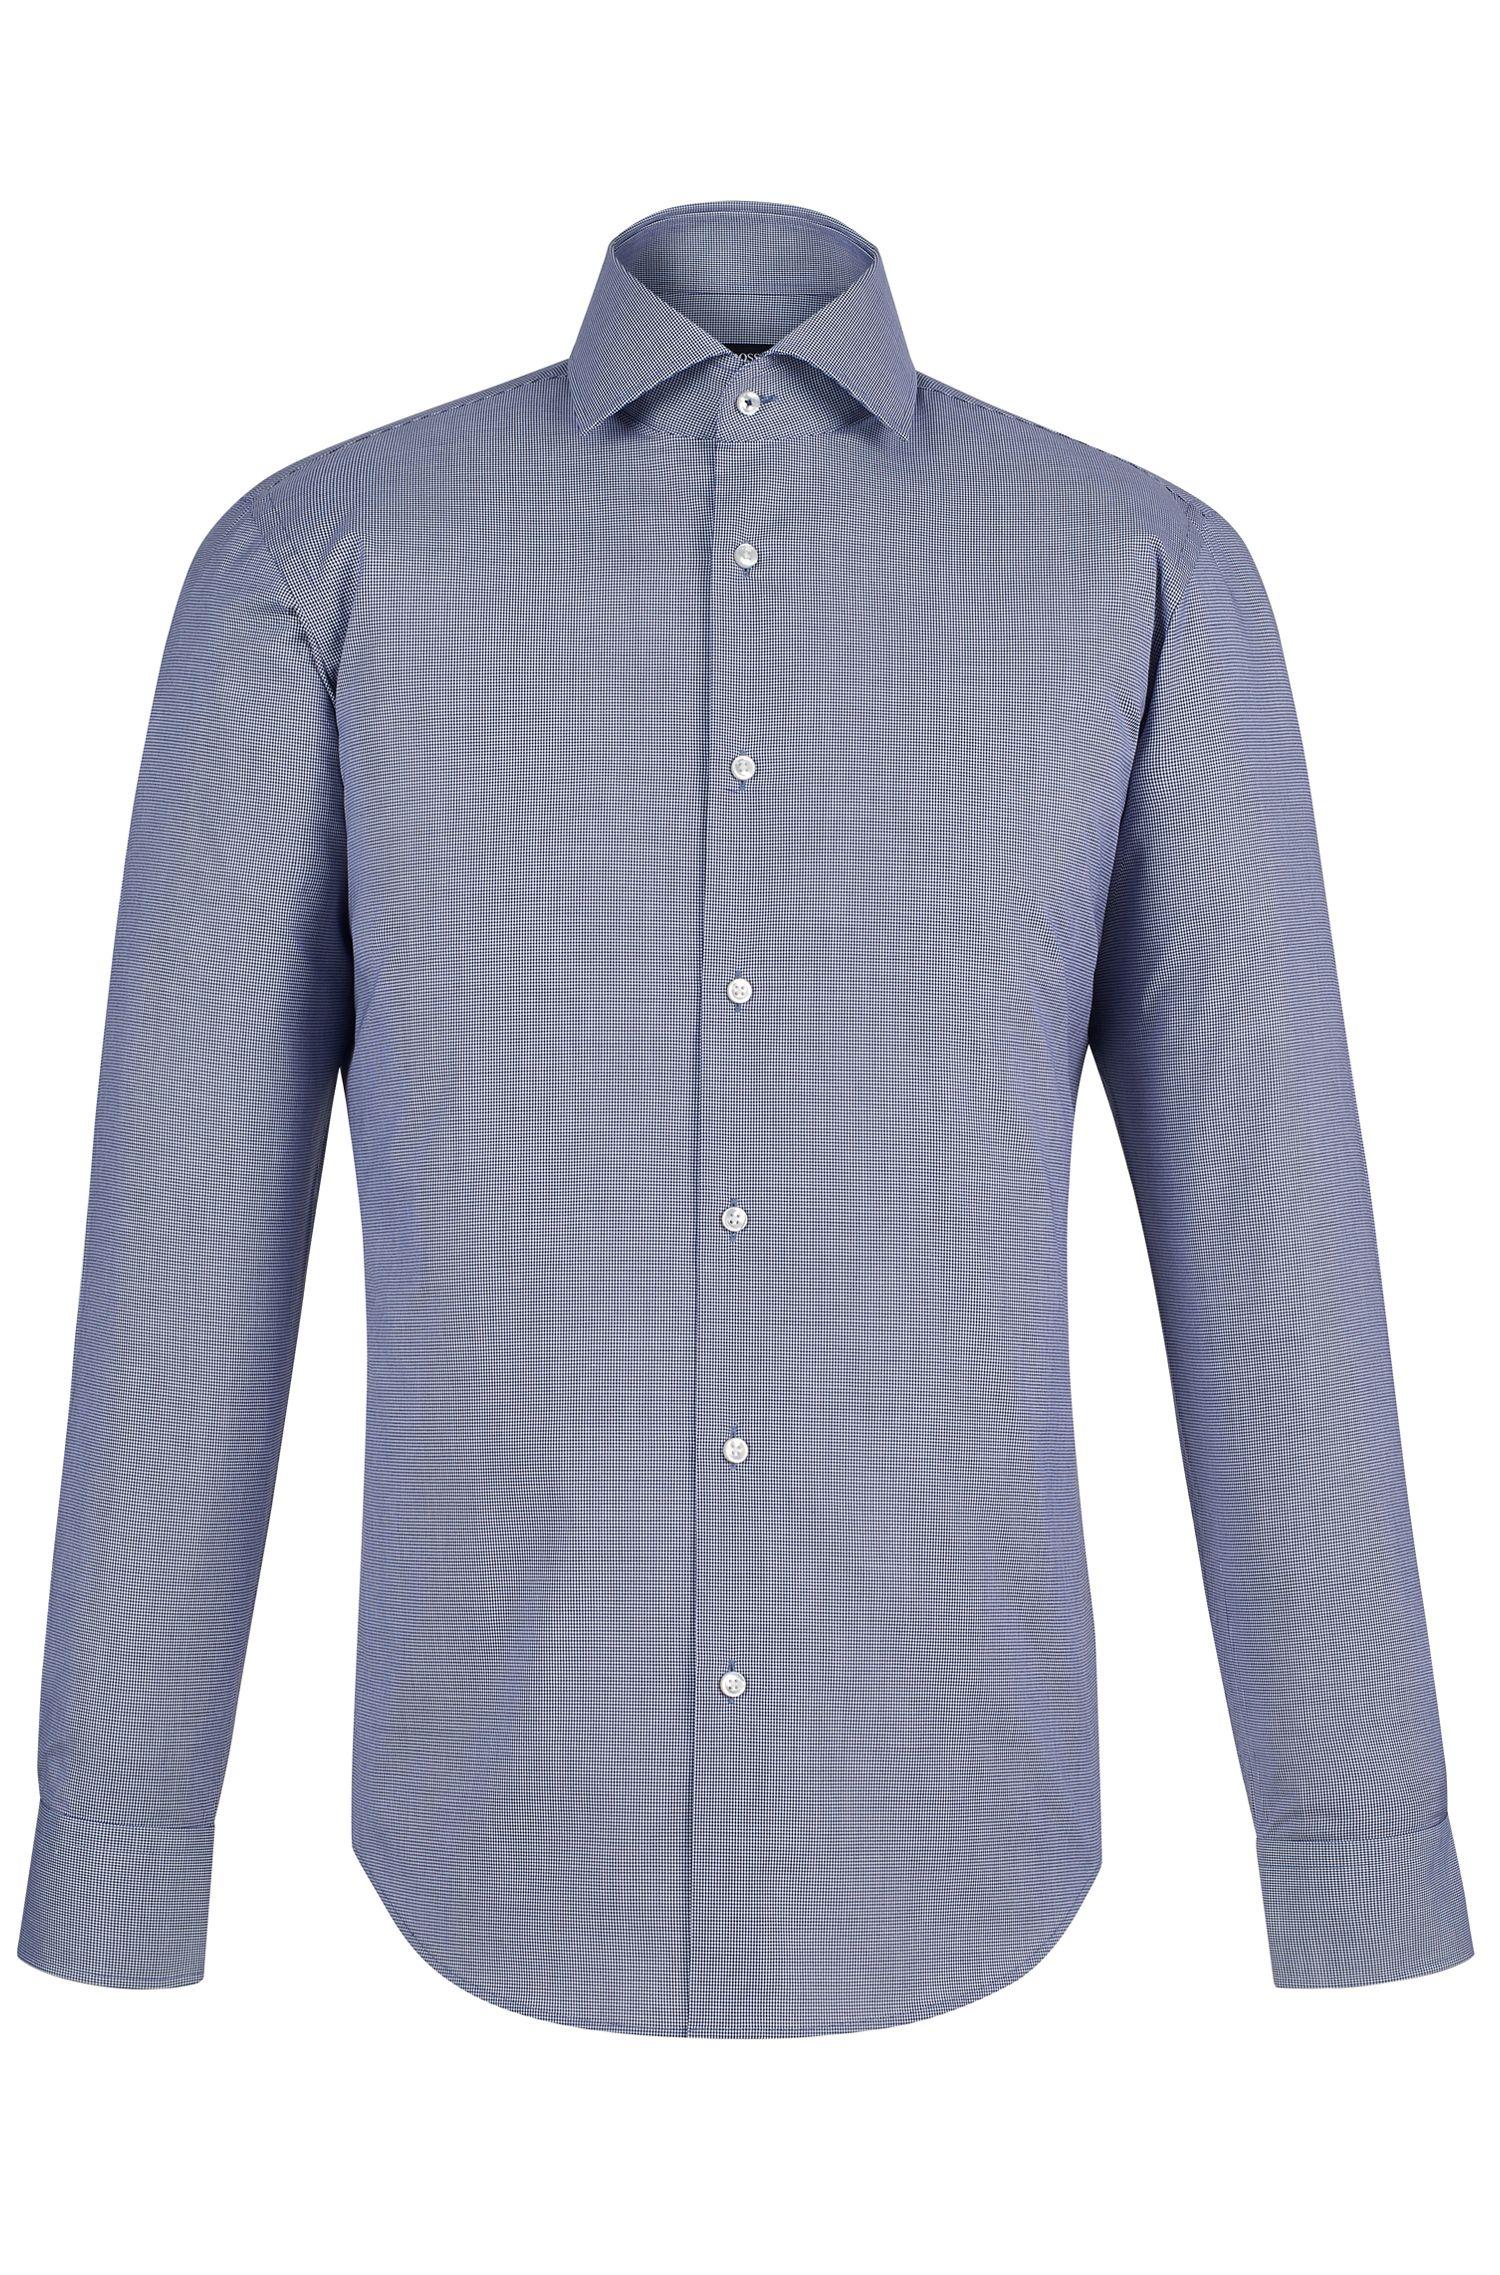 Micro-Check Easy Iron Cotton Dress Shirt, Regular Fit| Gert, Dark Blue